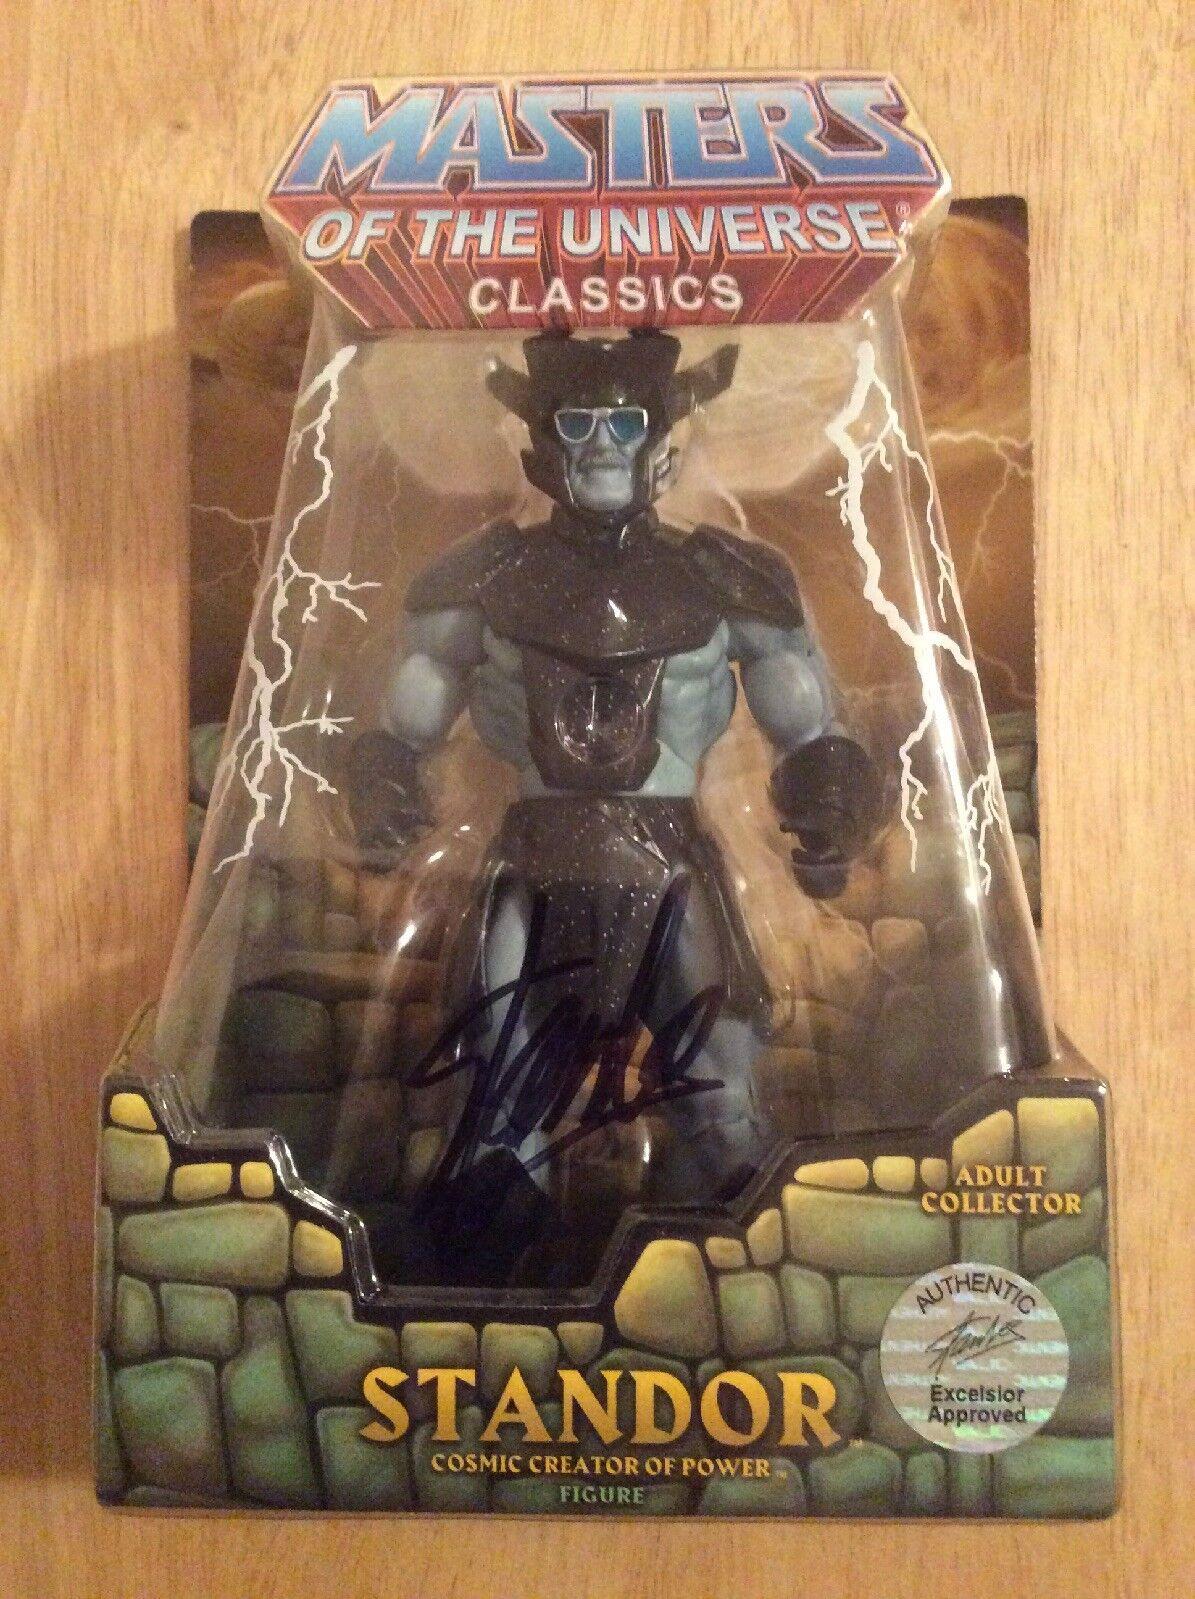 descuentos y mas Firmado por Stan Lee-Amos Lee-Amos Lee-Amos del universo clásicos standor Figura Mattel Holo  hermoso